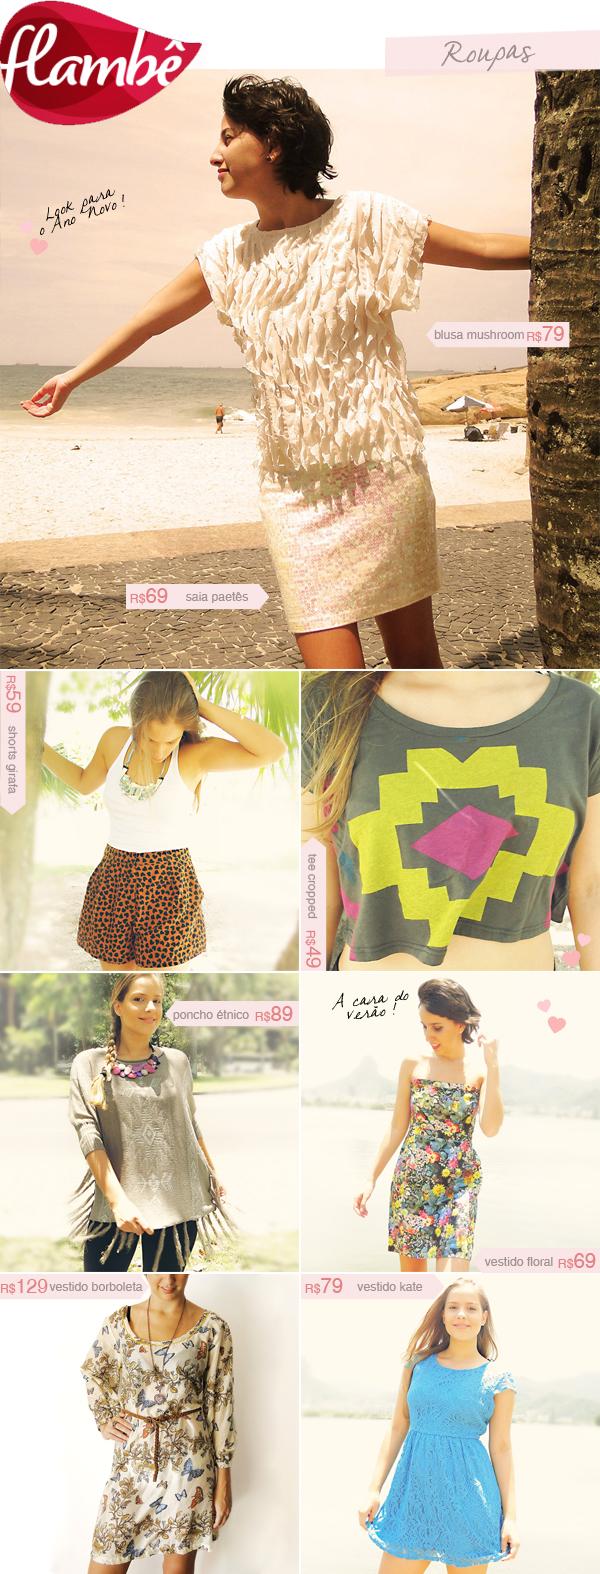 Flambe-loja-online-virtual-roupas-saias-shorts-cintura-alta-cropped-vestido-para-final-de-ano-novo-natal-concurso-cultural-maxi-colar-got-sin-02